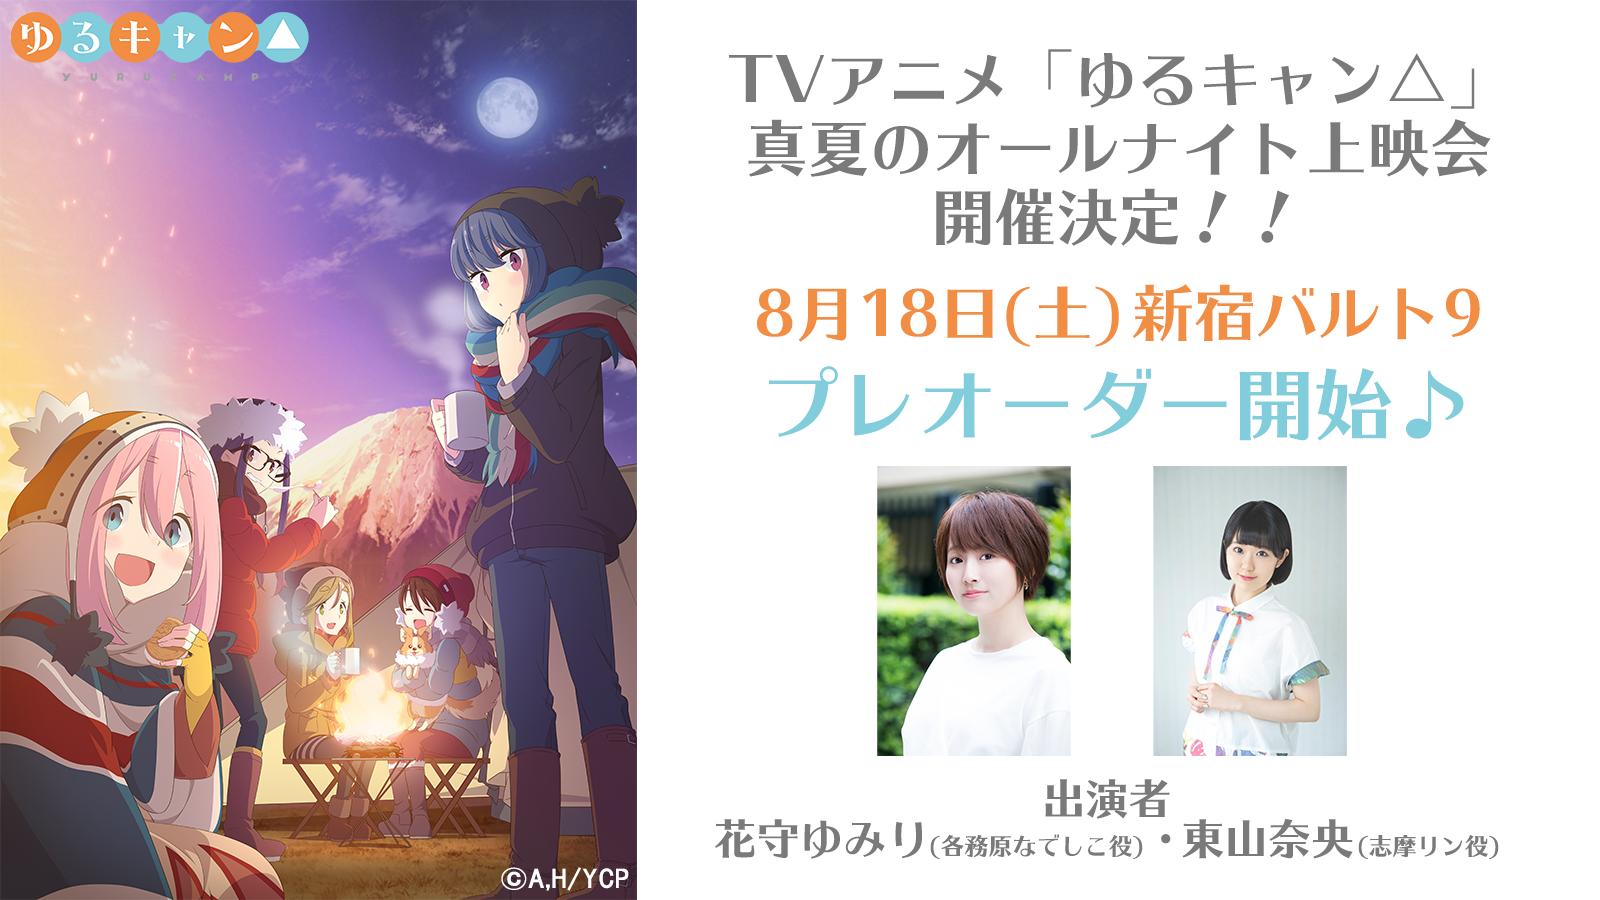 ゆるキャン 真夏のオールナイト上映会開催決定 News アニメ